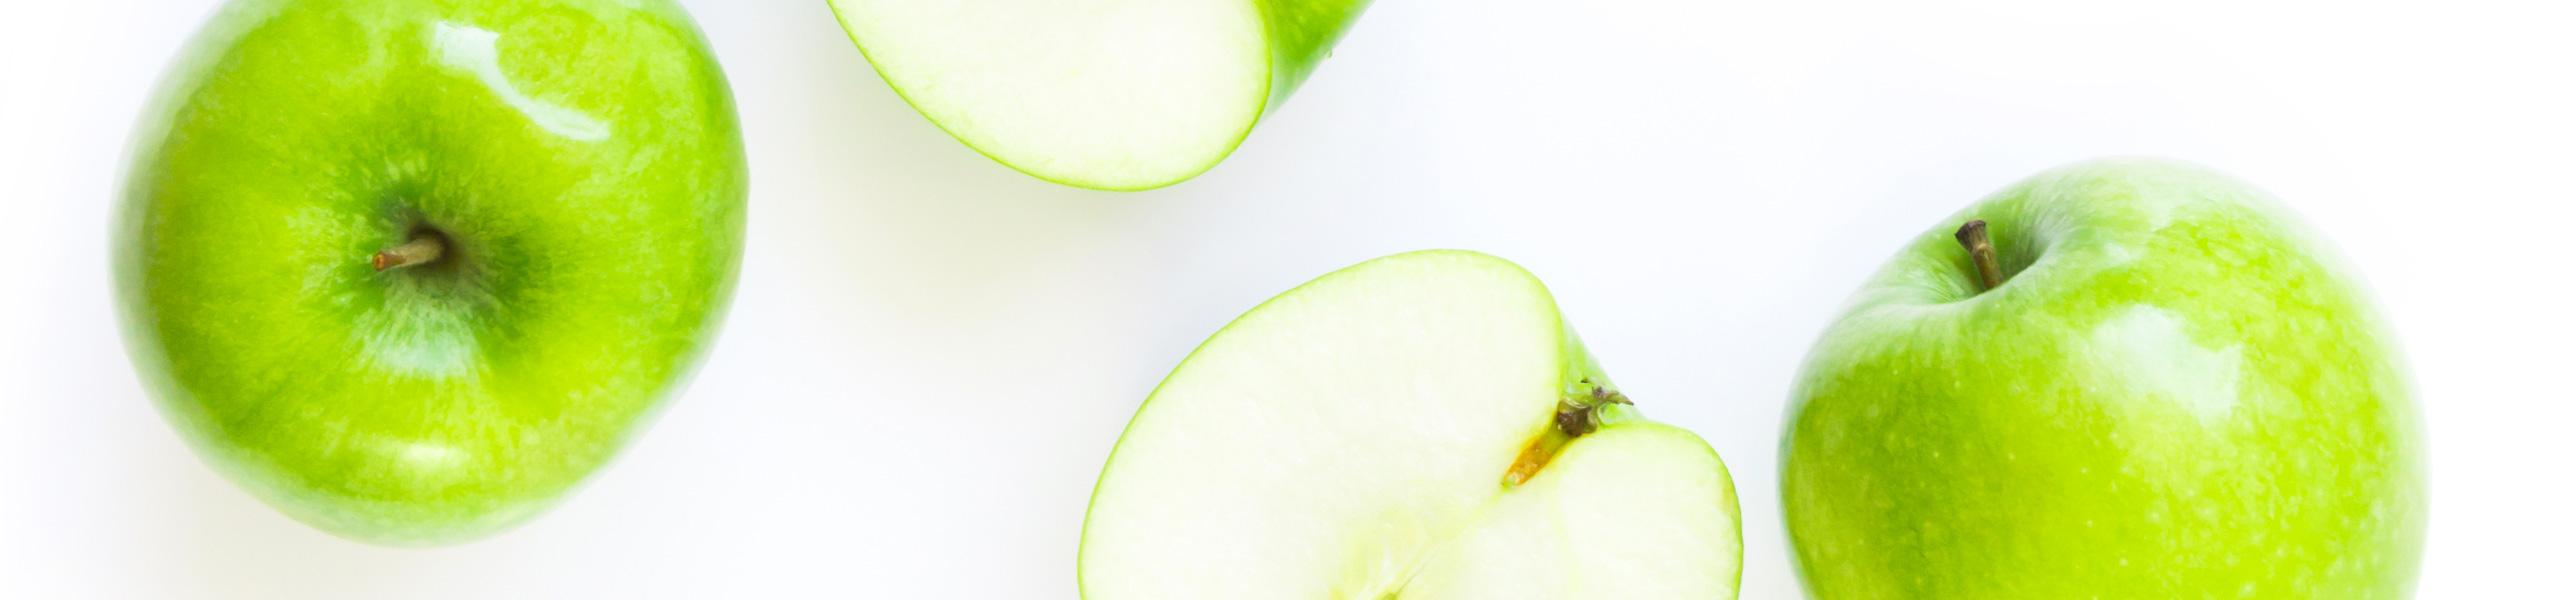 Preparato per Sorbetto gusto mela verde